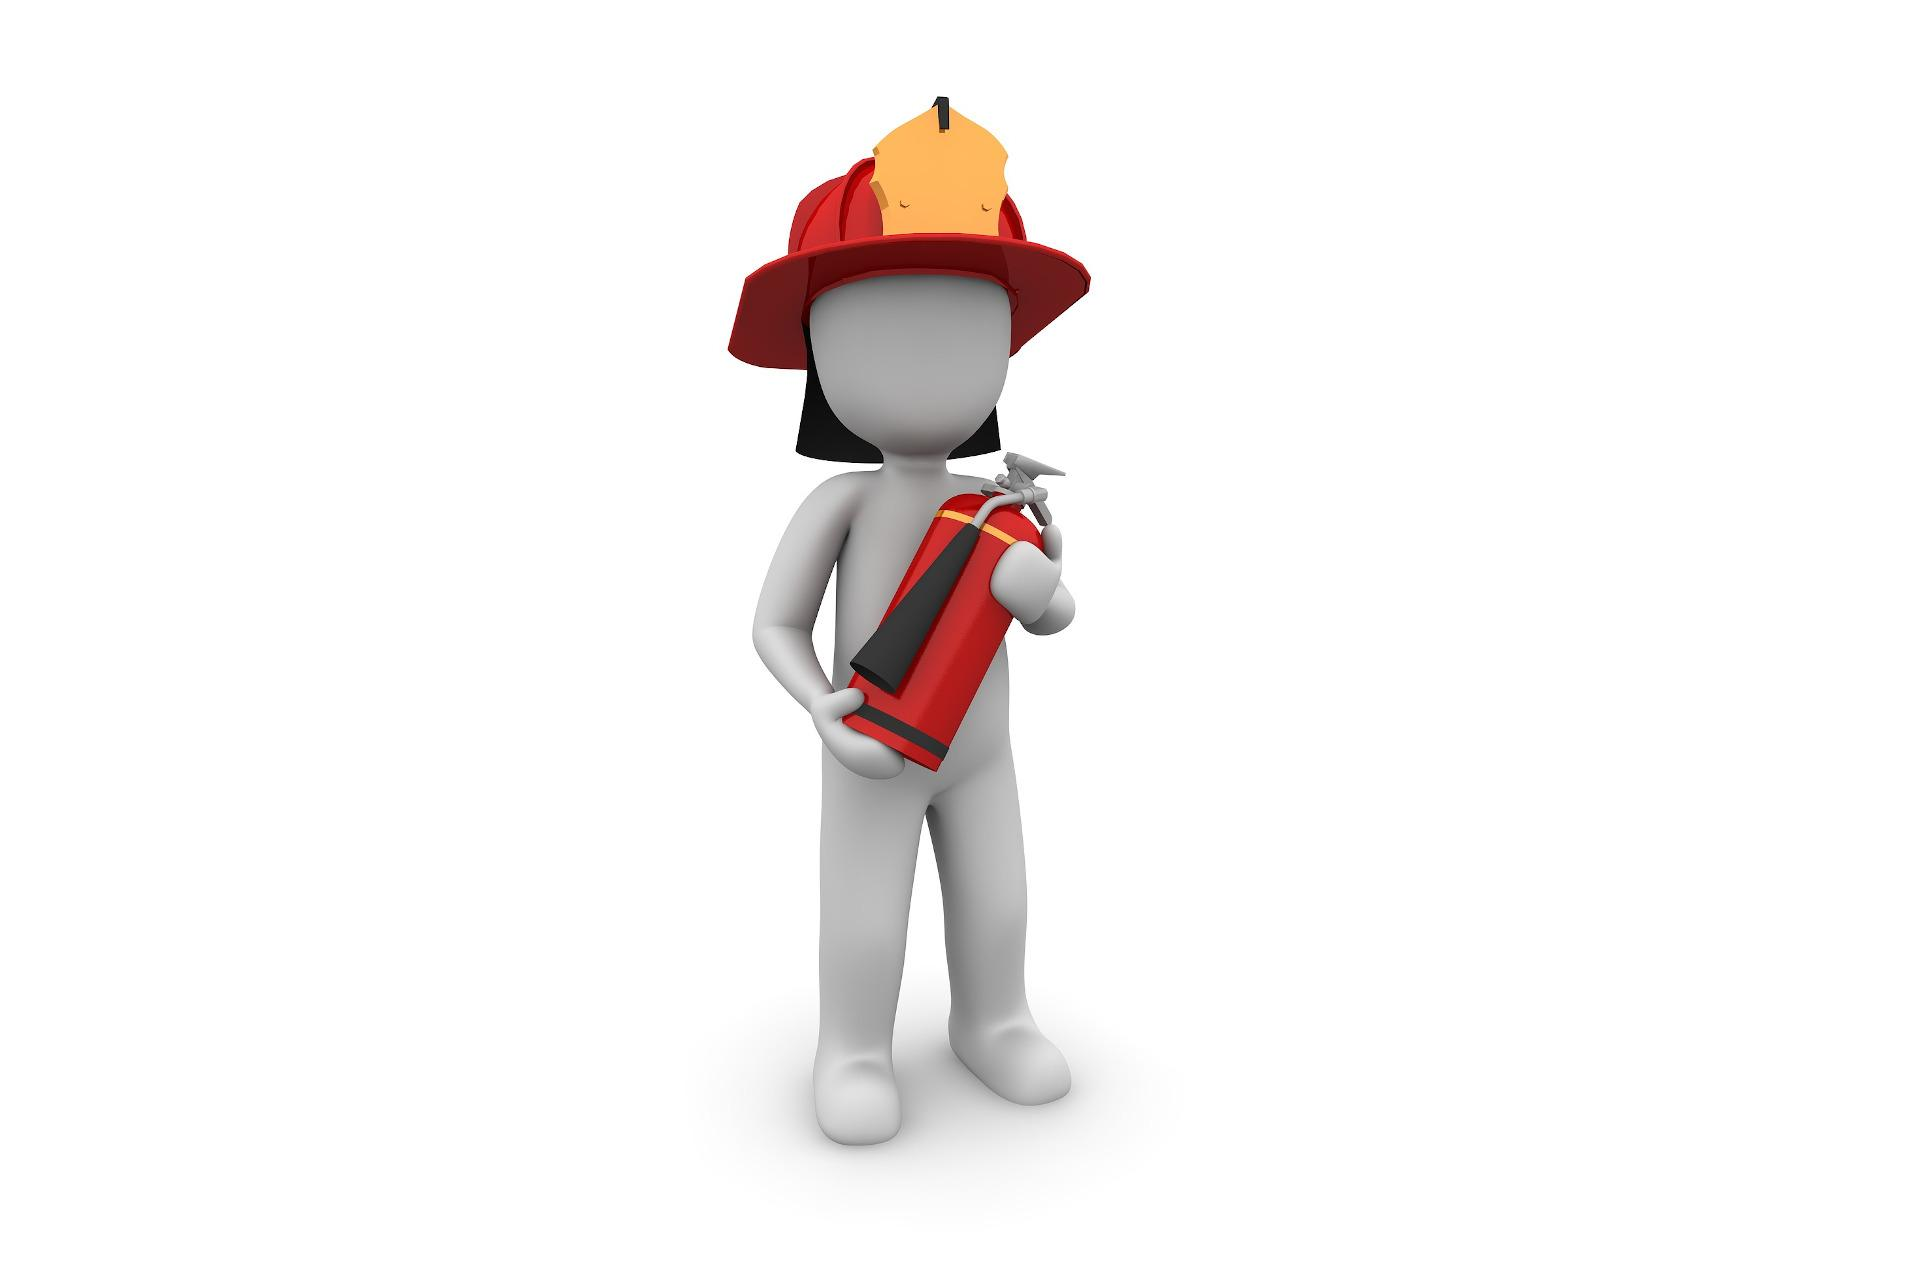 Aggiornamento Antincendio - Rischio basso